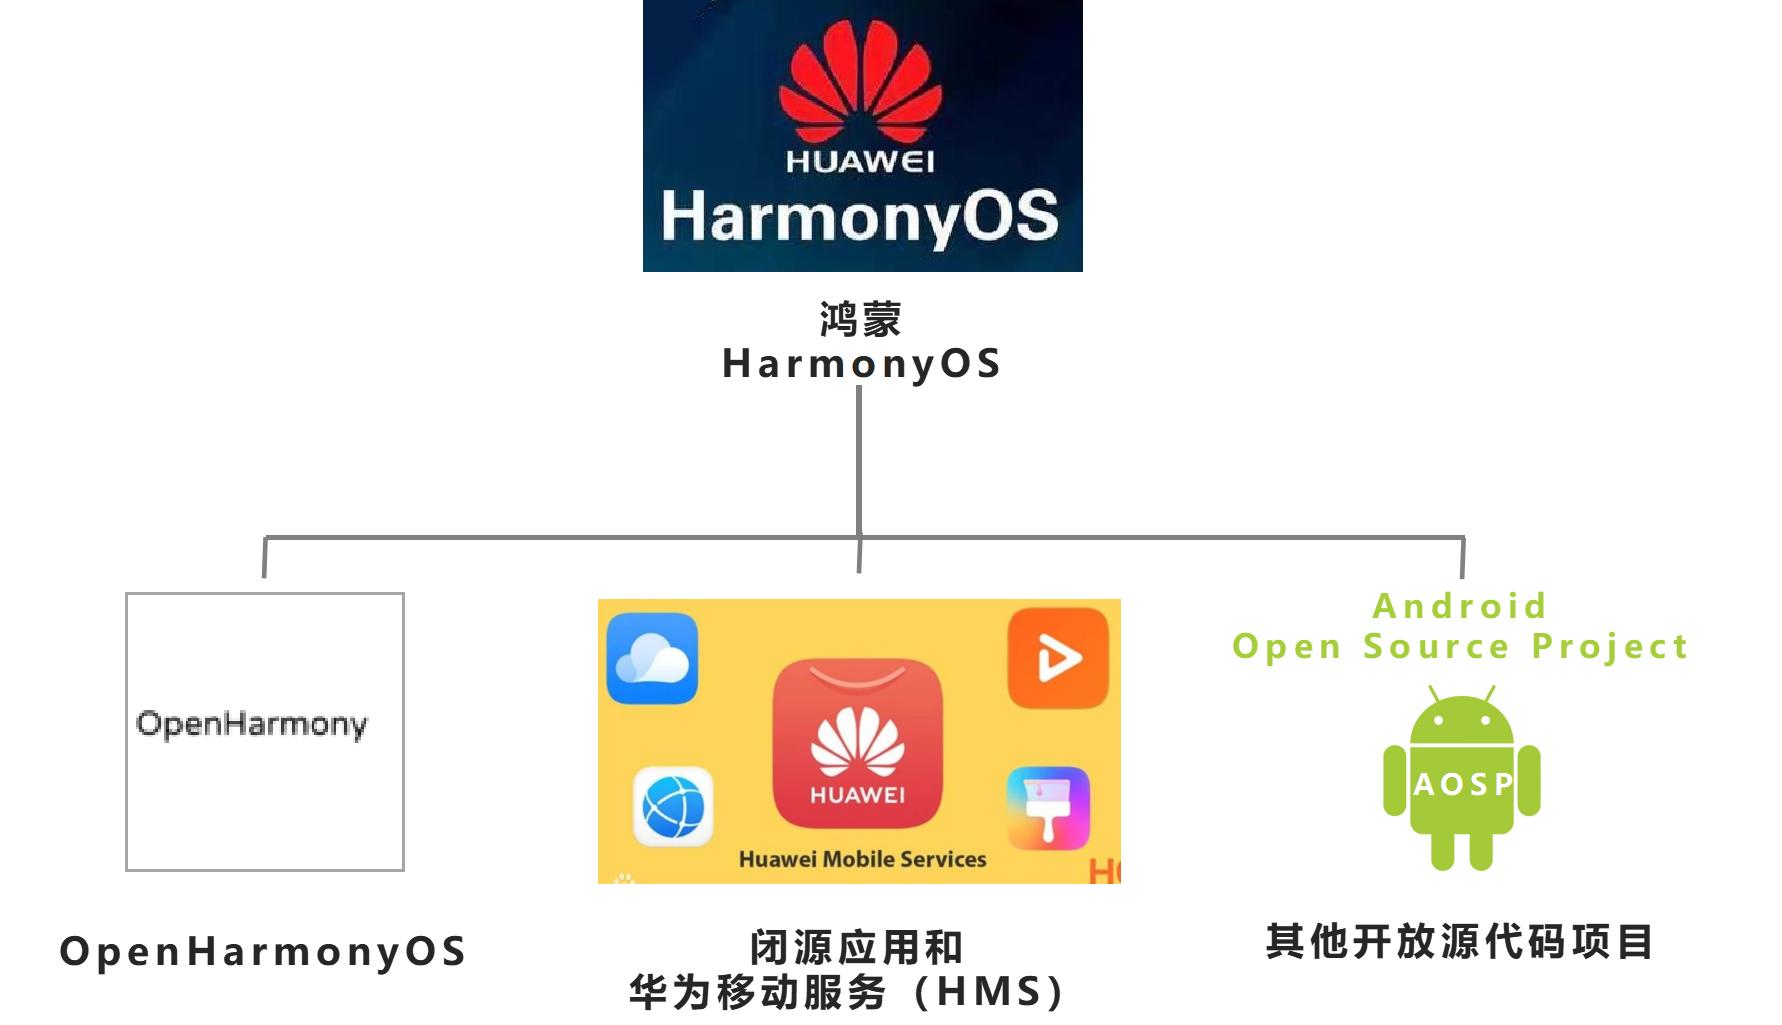 鸿蒙操作系统的前世今生-鸿蒙HarmonyOS技术社区